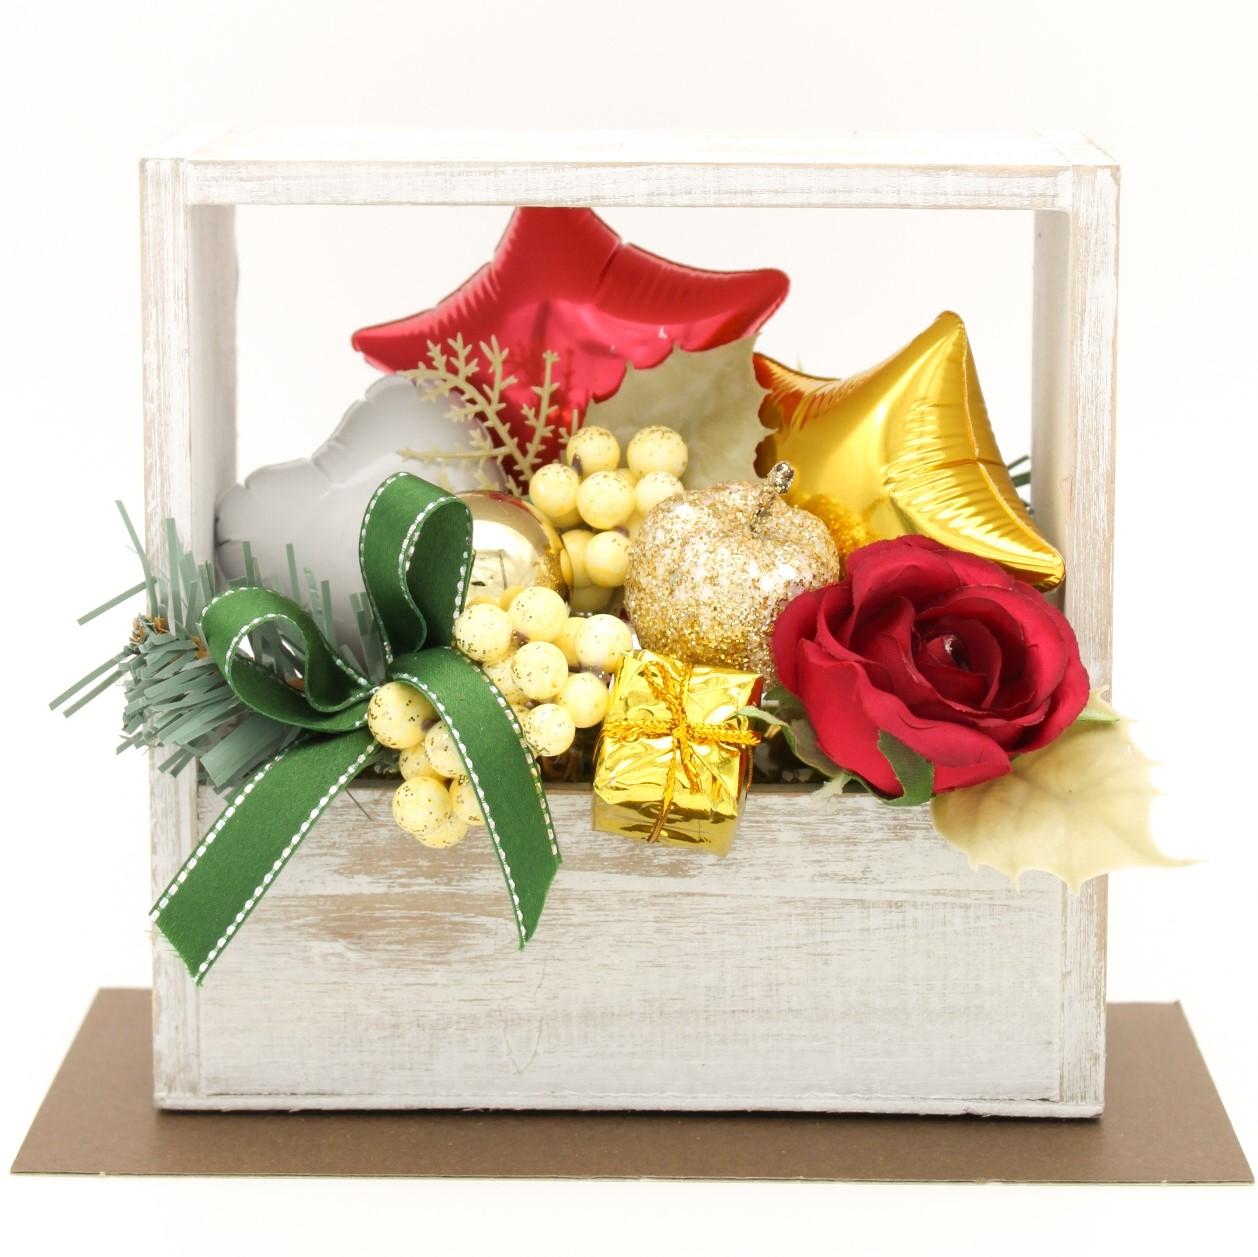 クリスマスアレンジ「スクエアシルバー クリスマスアレンジ」 バルーン電報 結婚式、誕生日、バレエ、ピアノ発表会に人気です mc0020